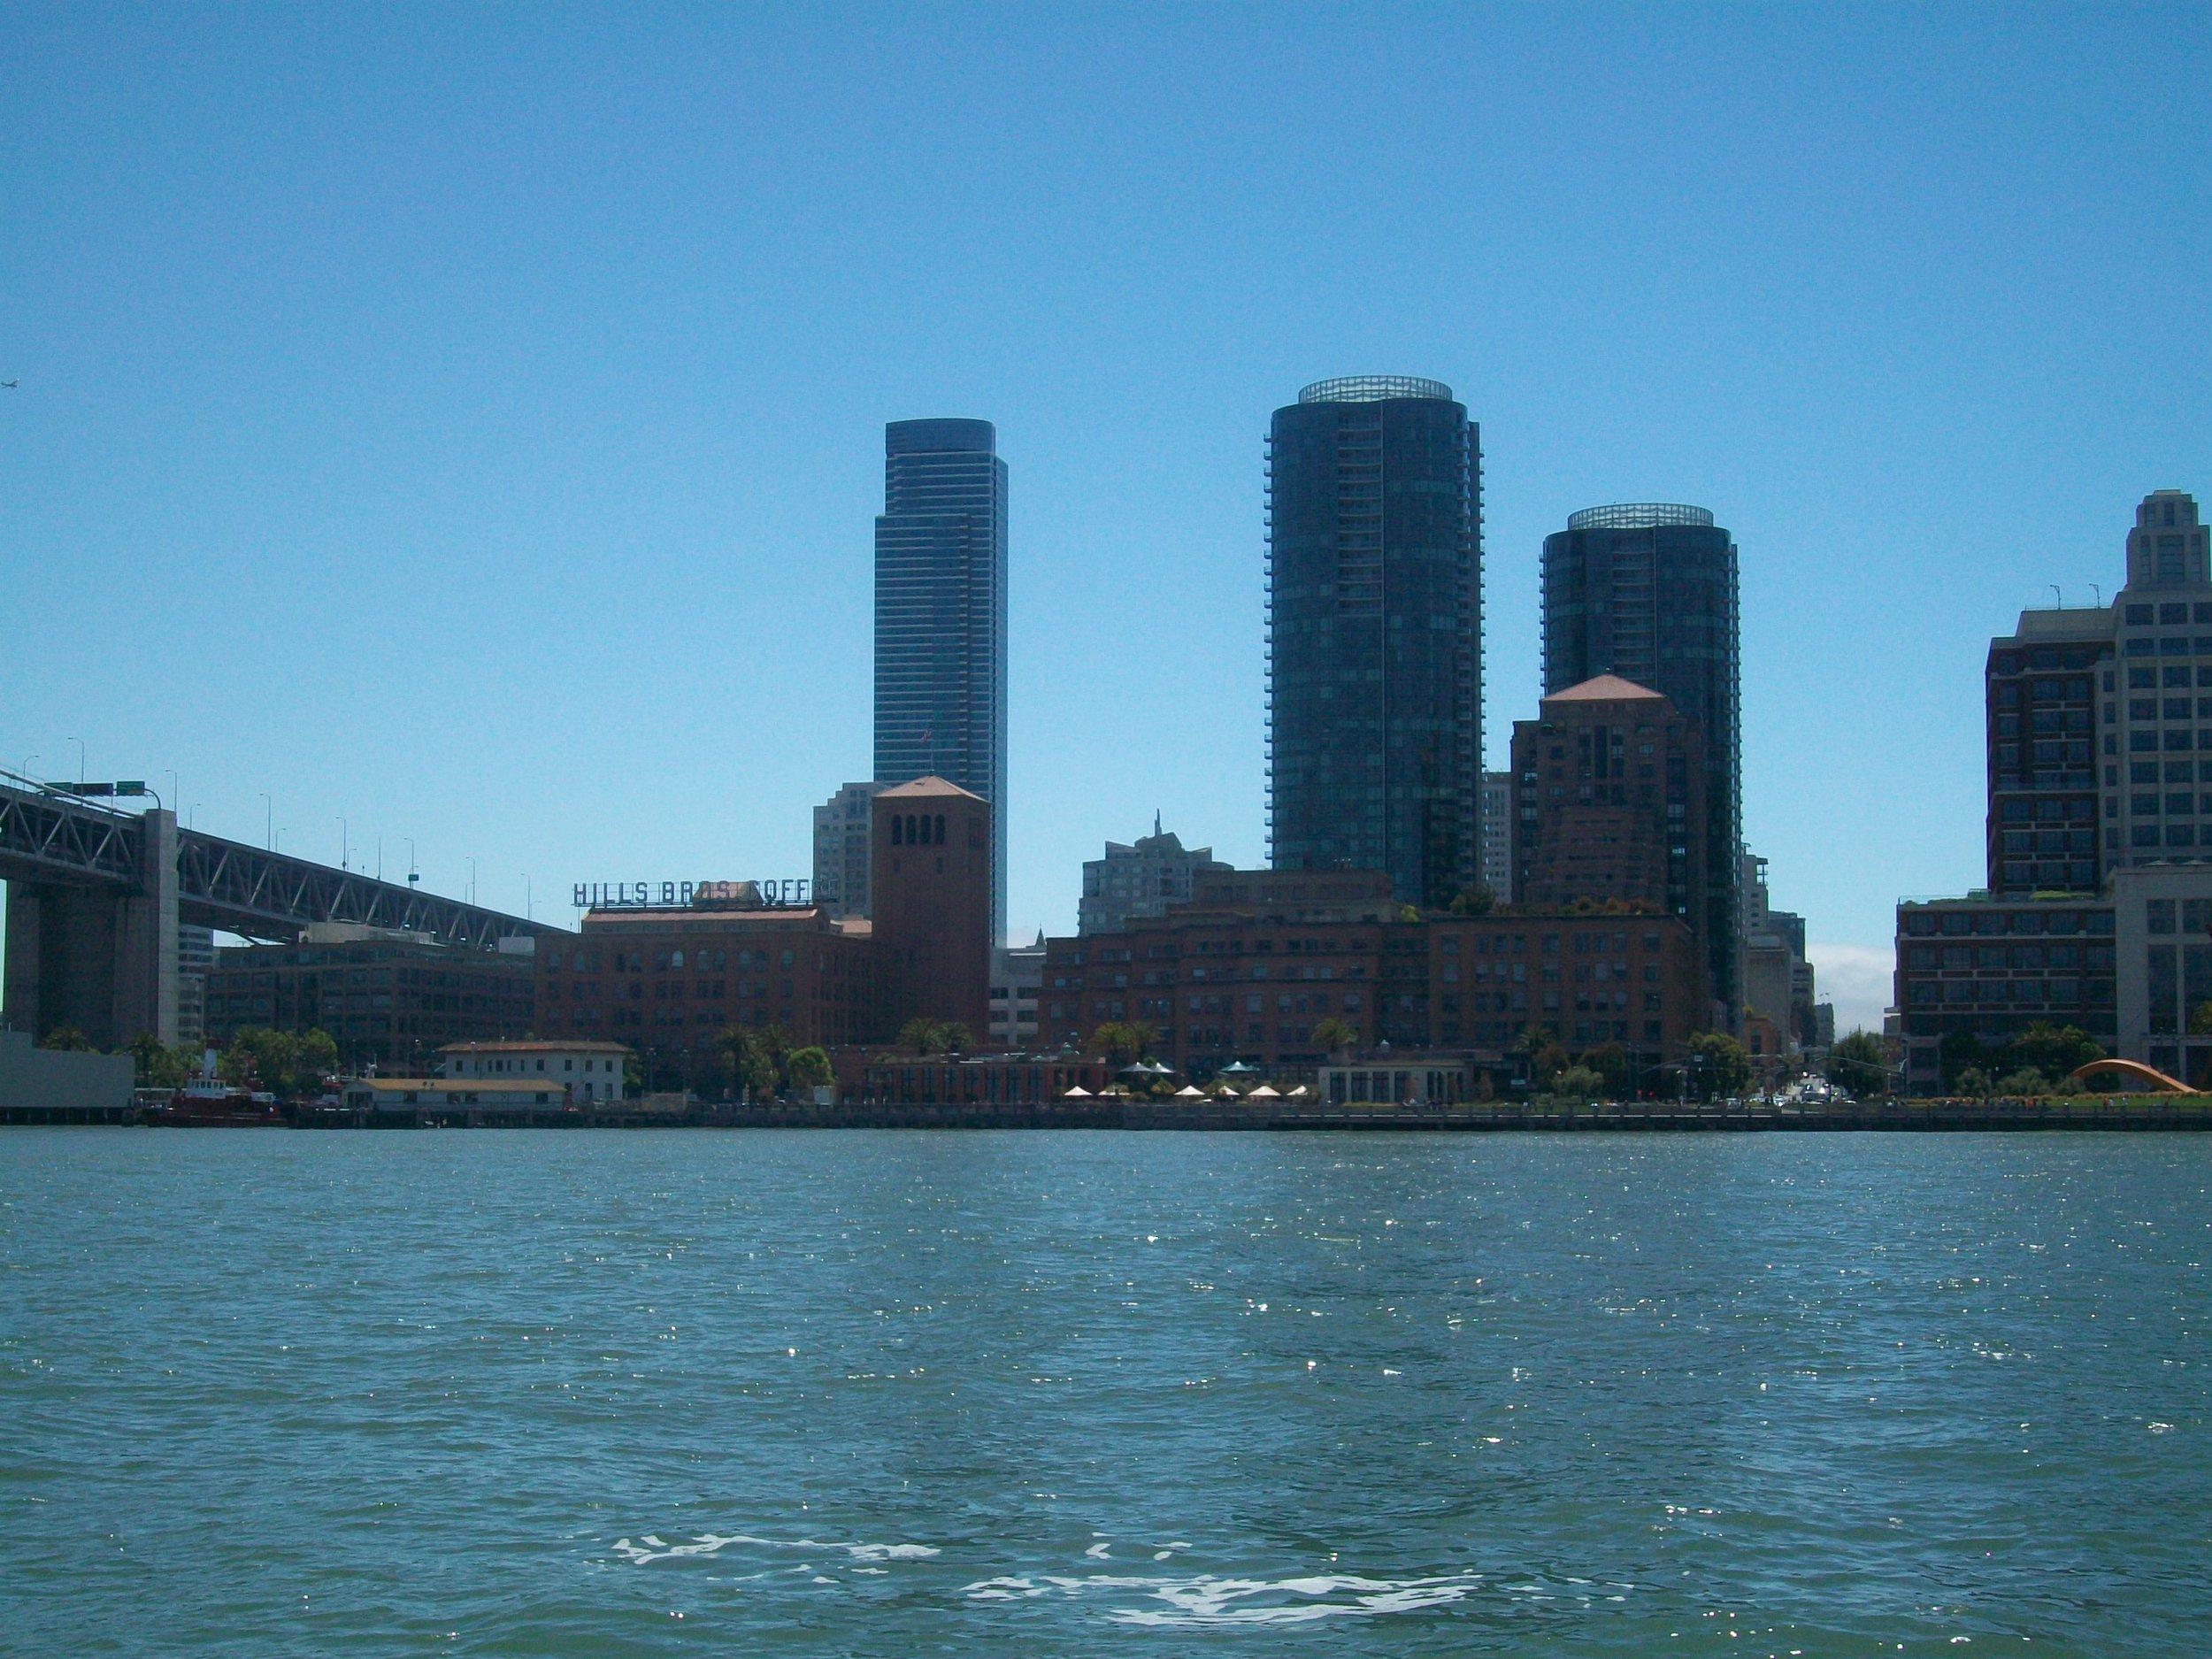 More city